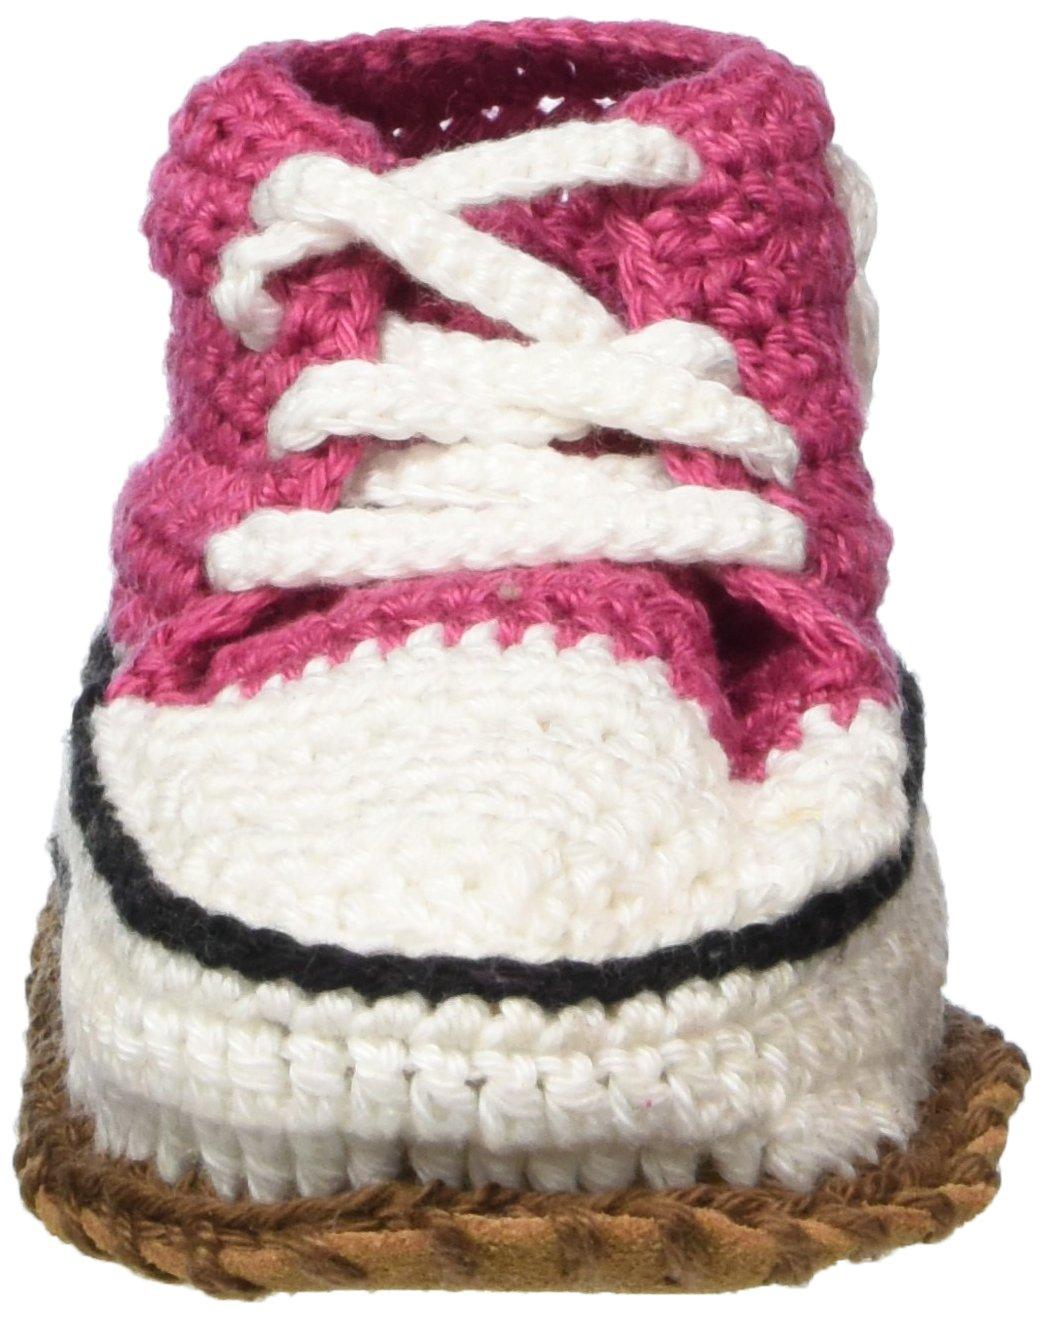 Baobab - Zapatillas de ganchillo para bebé (suela de piel salvaje antideslizante, 15-22 meses), color rosa: Amazon.es: Bebé